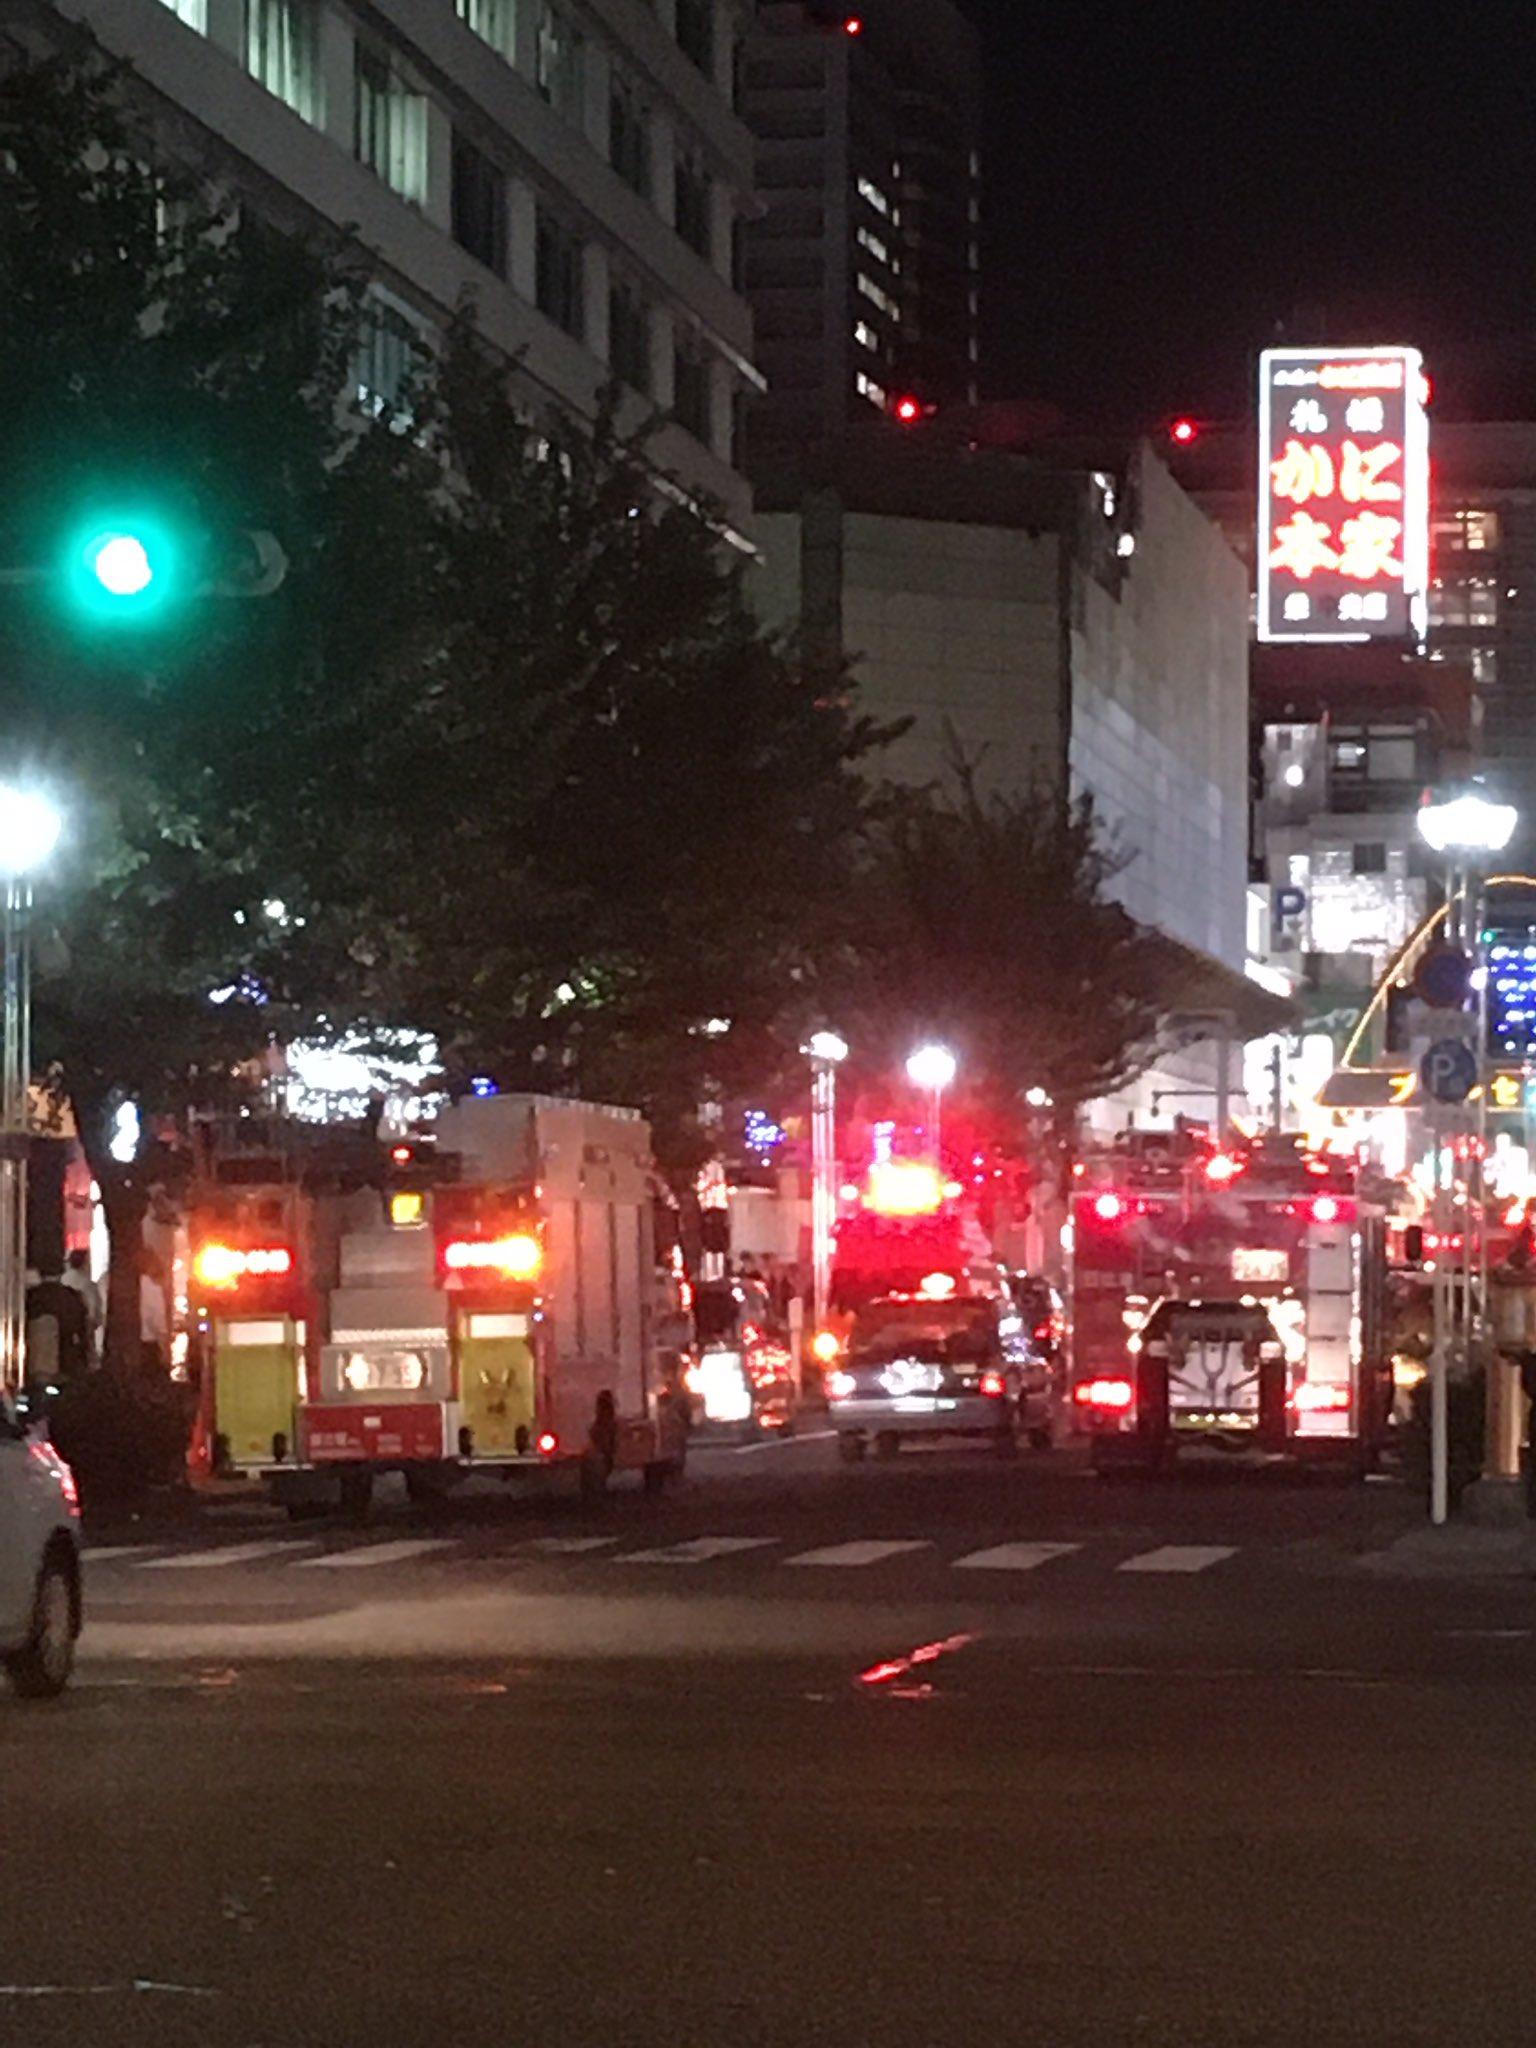 画像,名古屋 栄錦消防車が10台ぐらい何かあったのかな?騒がしいよ! https://t.co/vbv4xrLX4R。